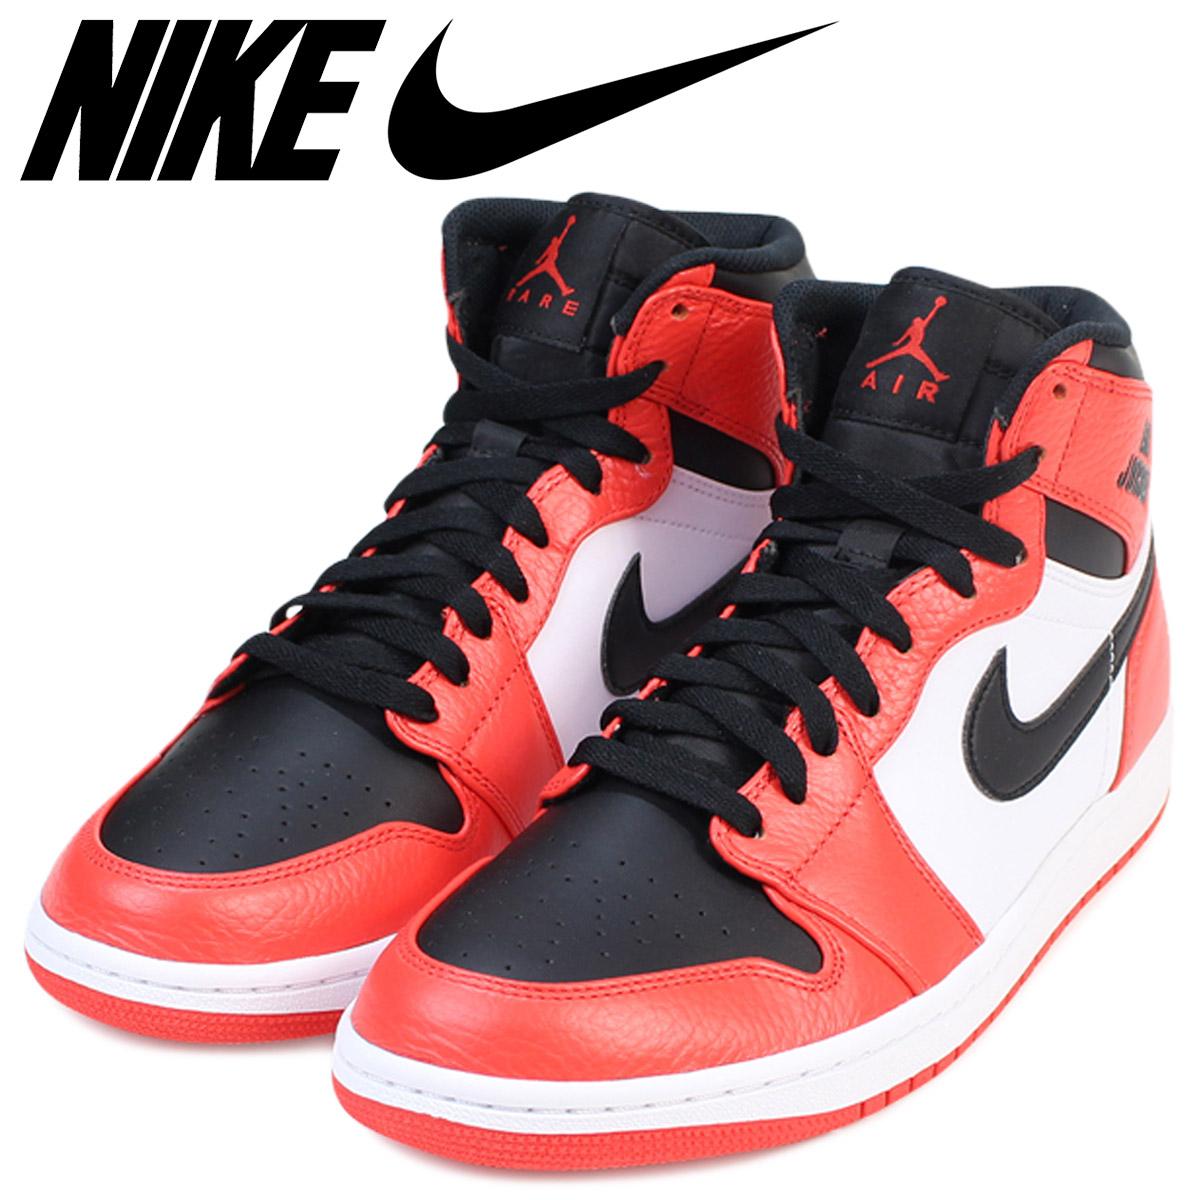 hot sale online 88b13 2bf4f Nike NIKE Air Jordan 1 nostalgic high sneakers AIR JORDAN 1 RETRO HI men  332,550-800 shoes orange